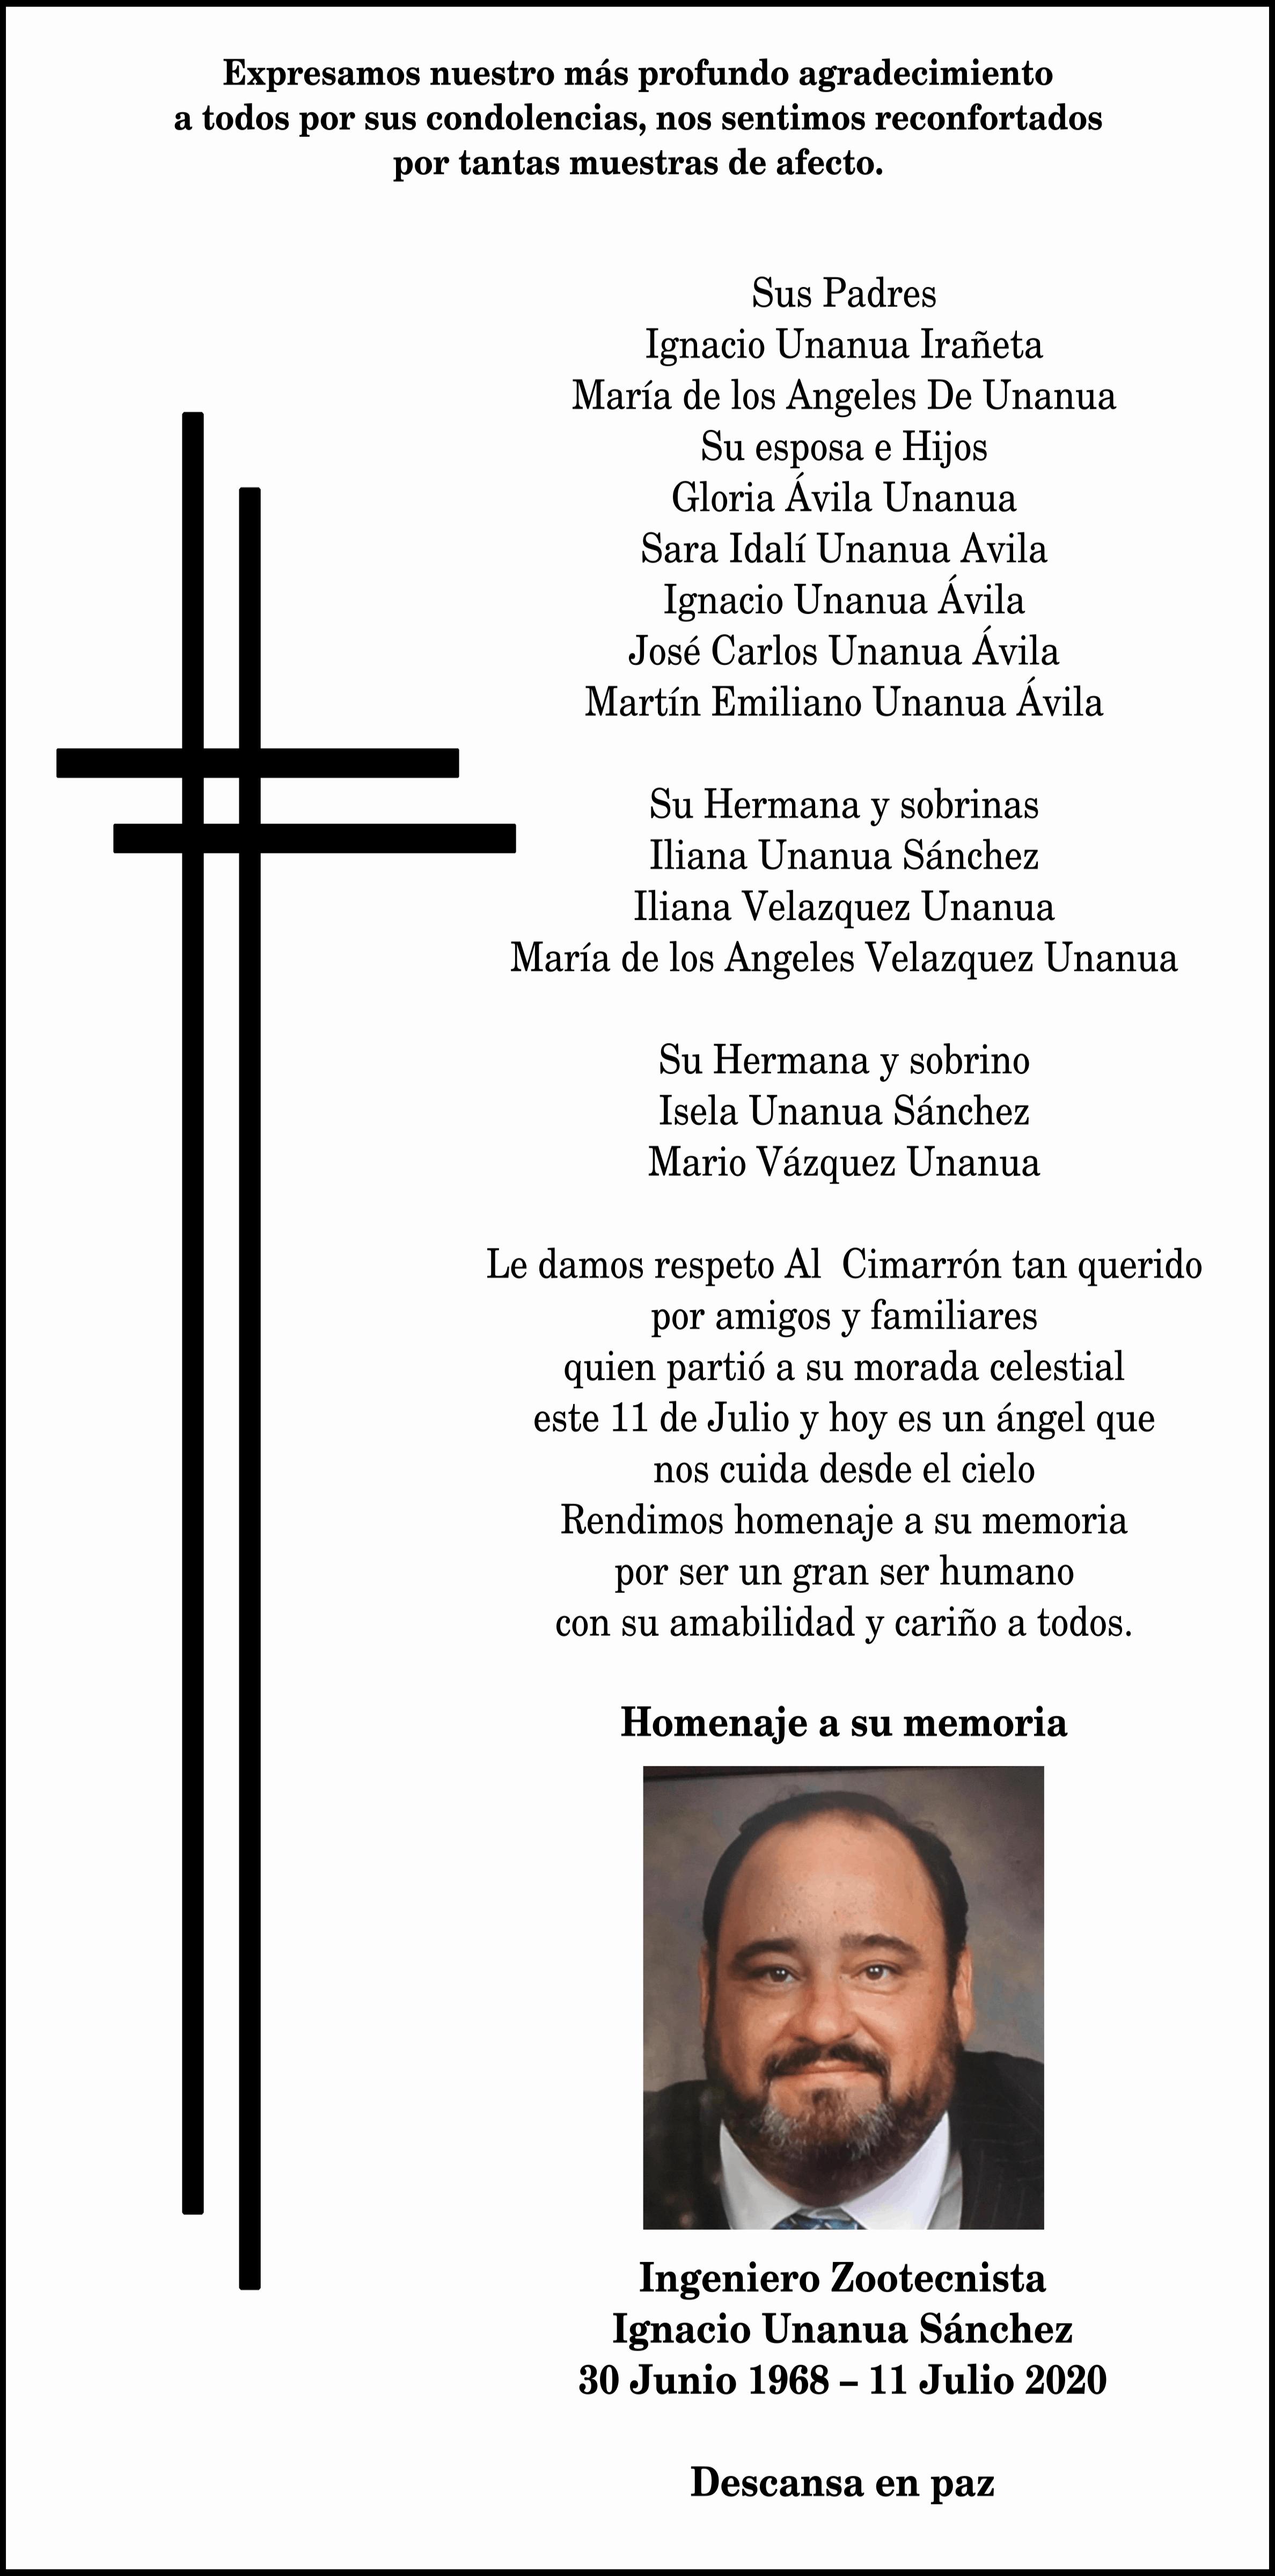 Ignacio Unanua Sánchez